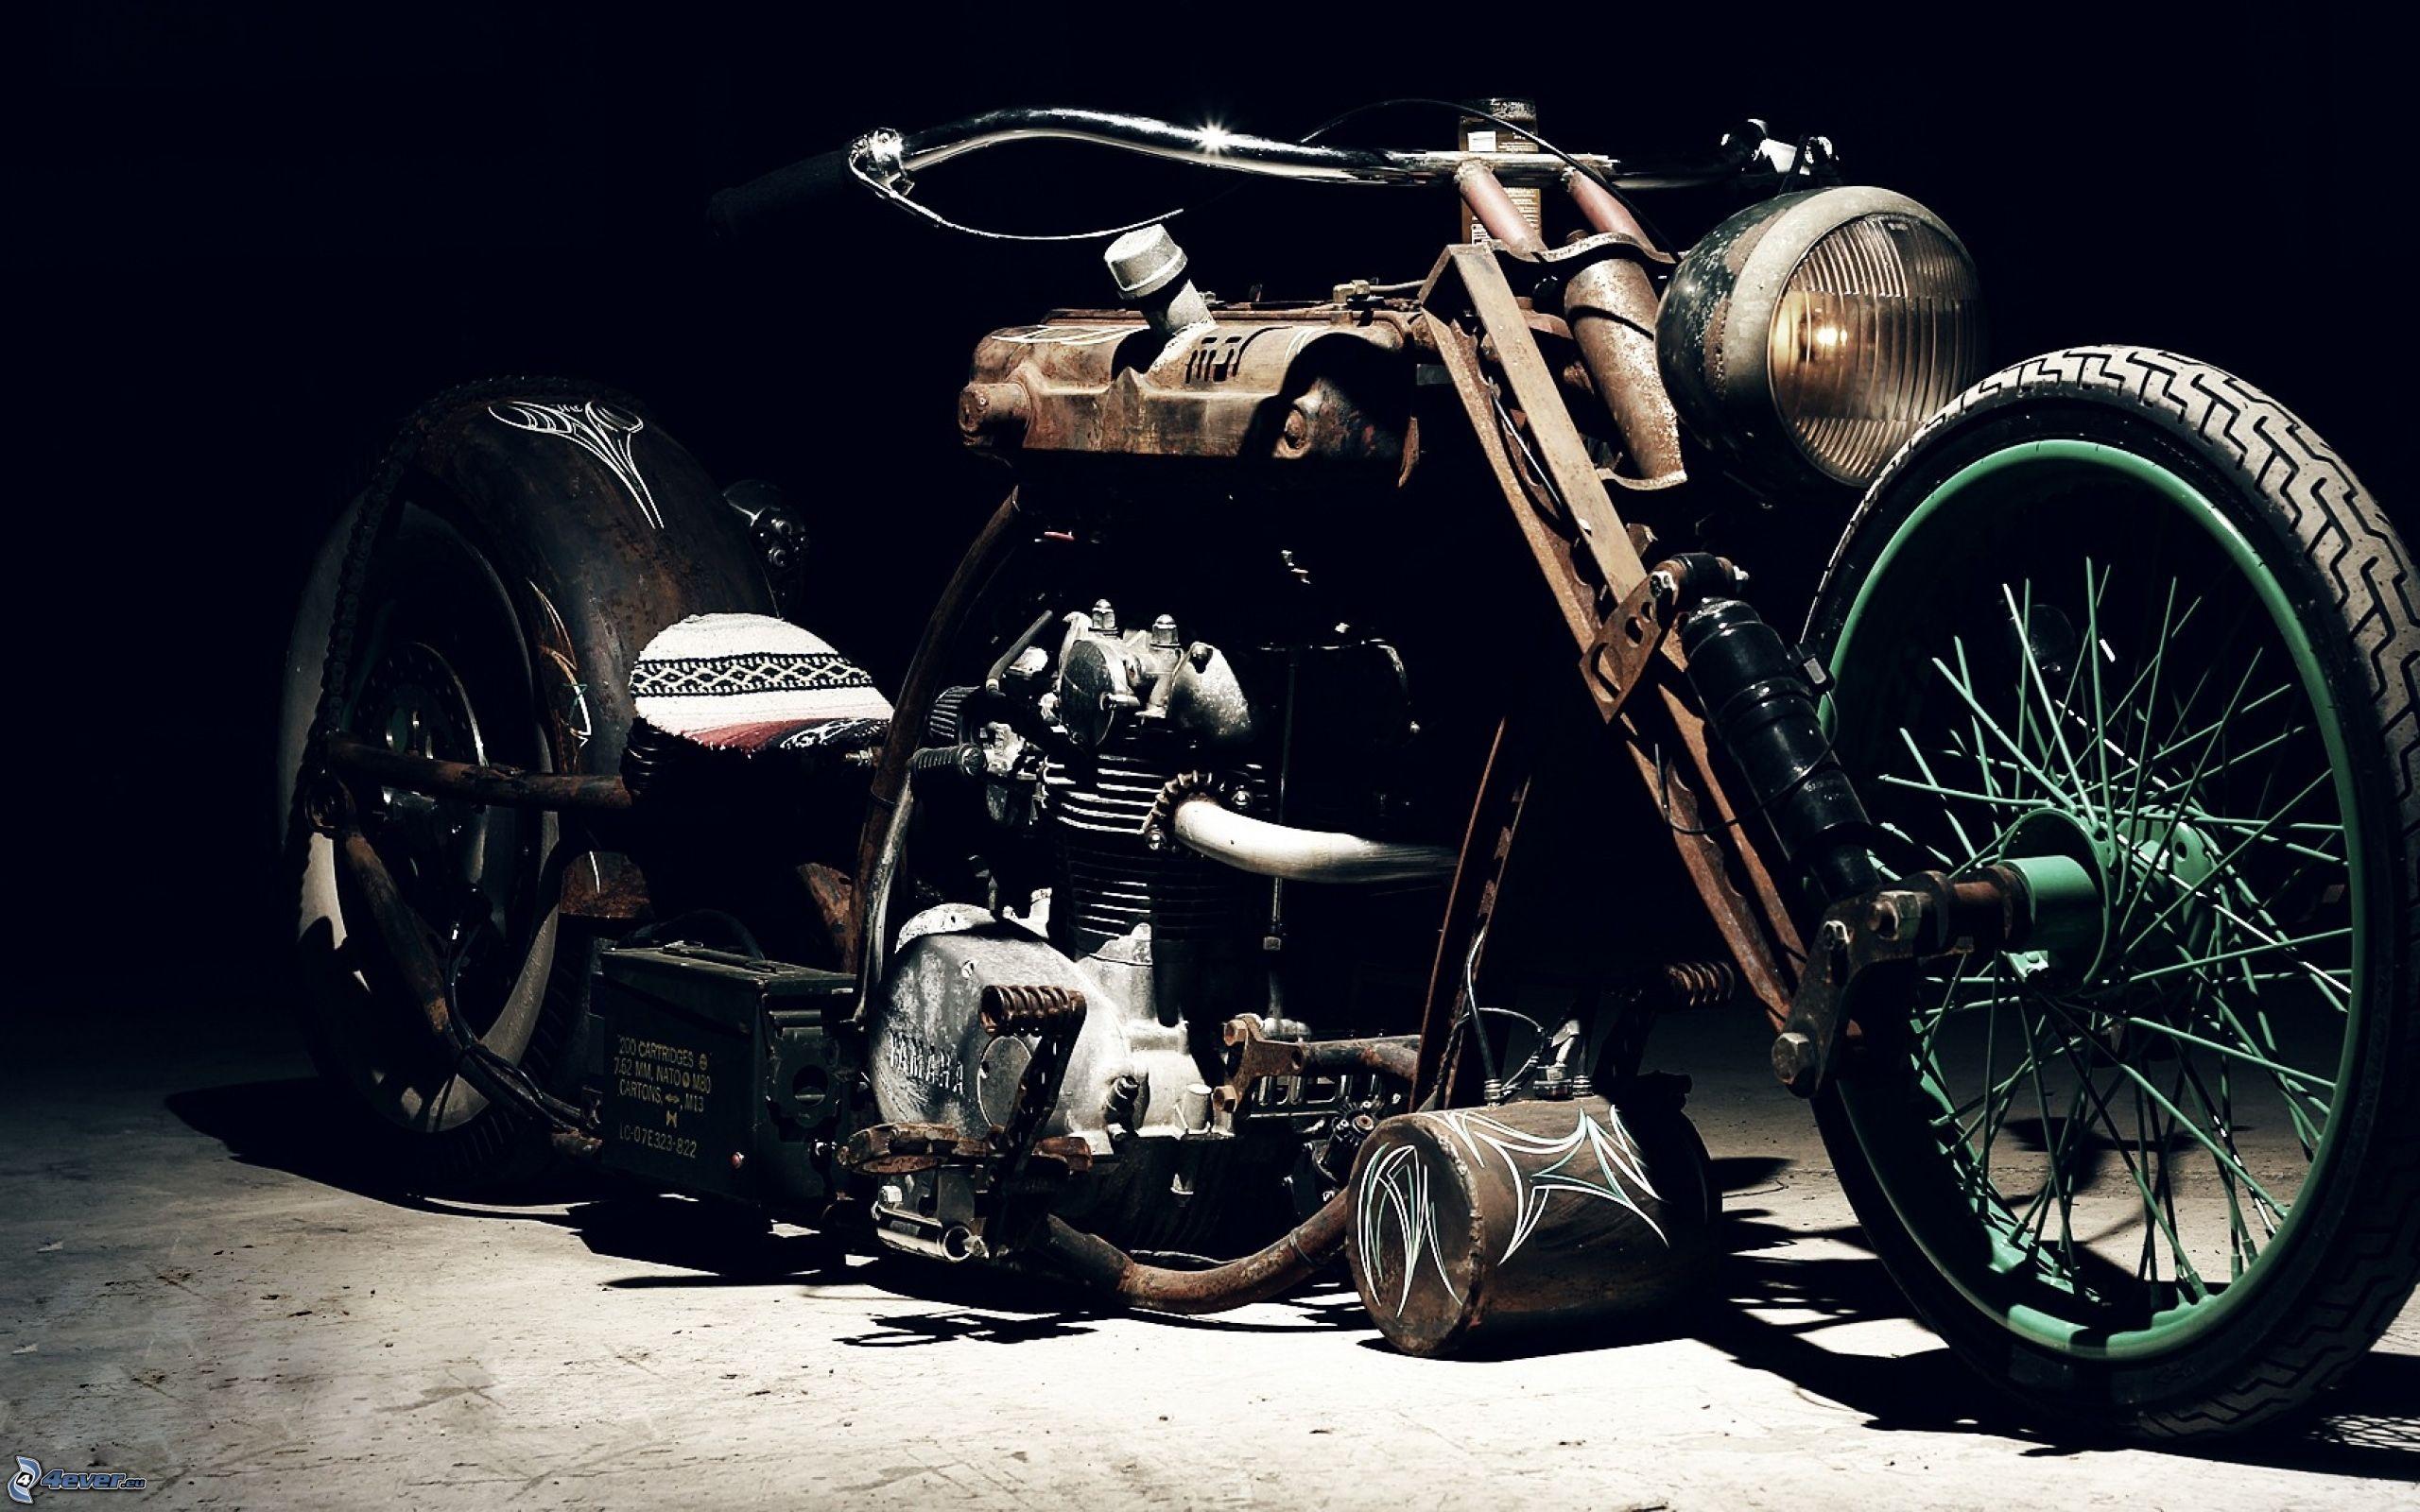 Old bike 2560x1600